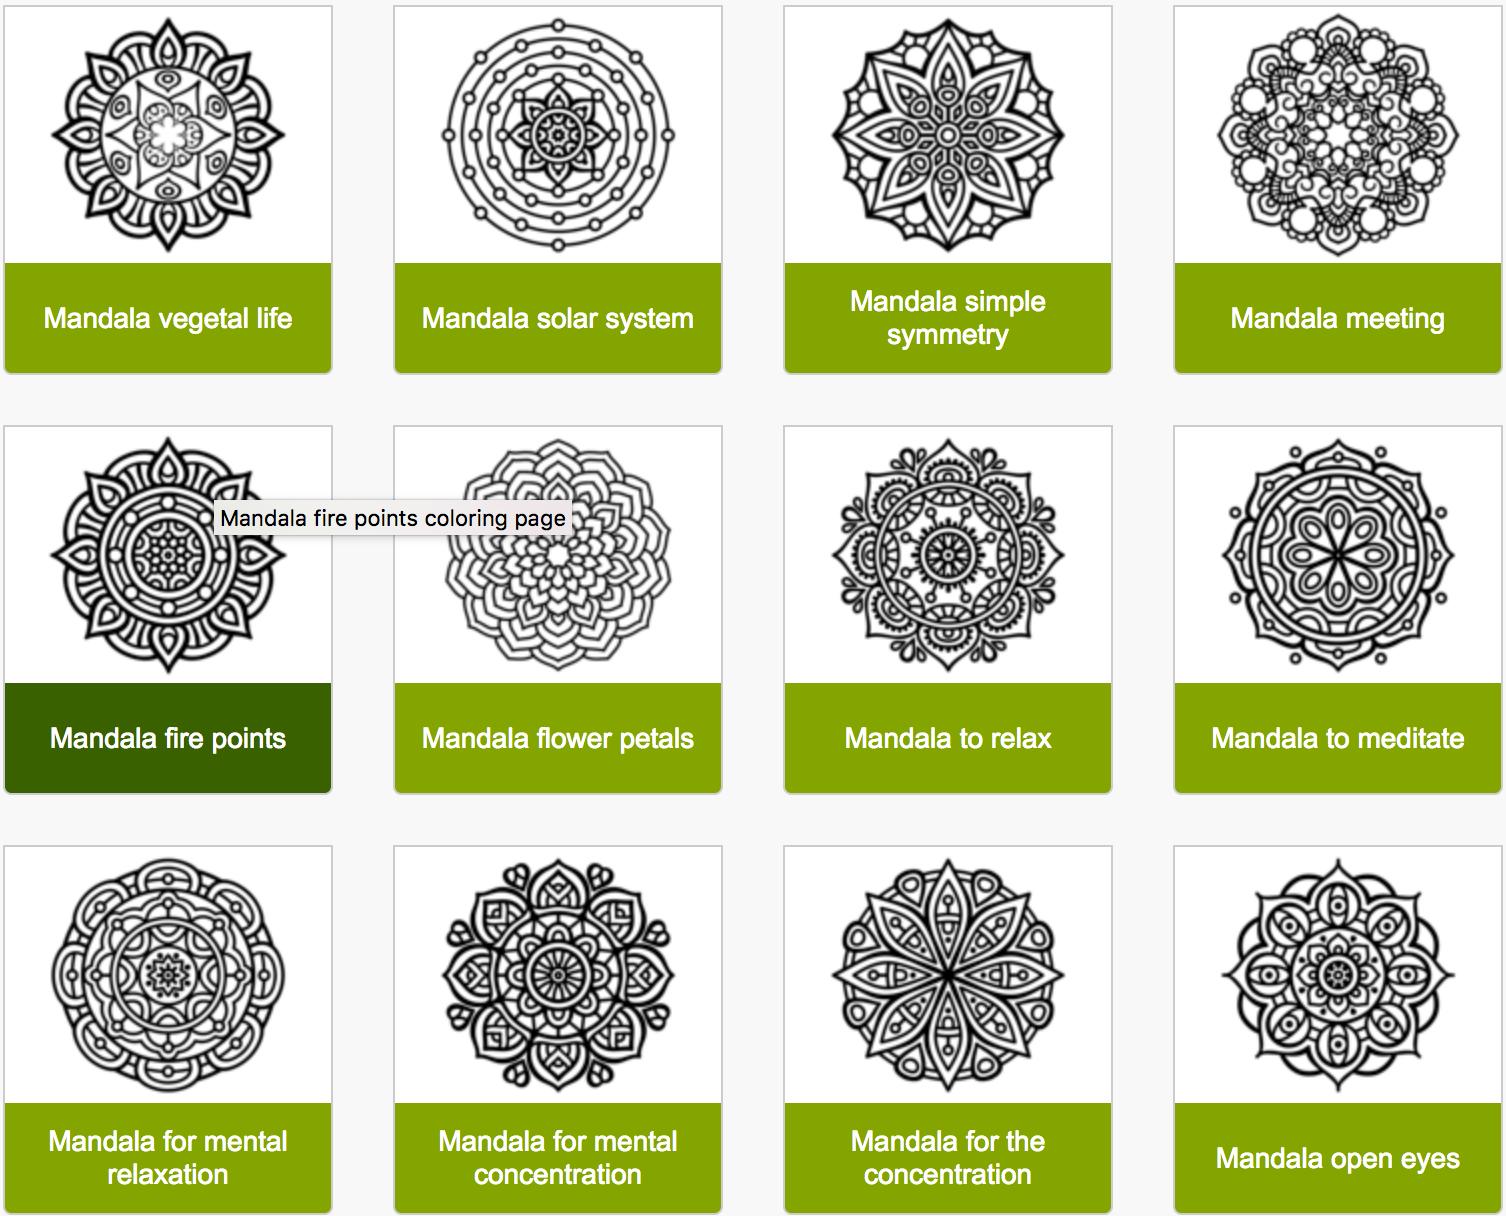 samples of coloringcrew.com mandalas